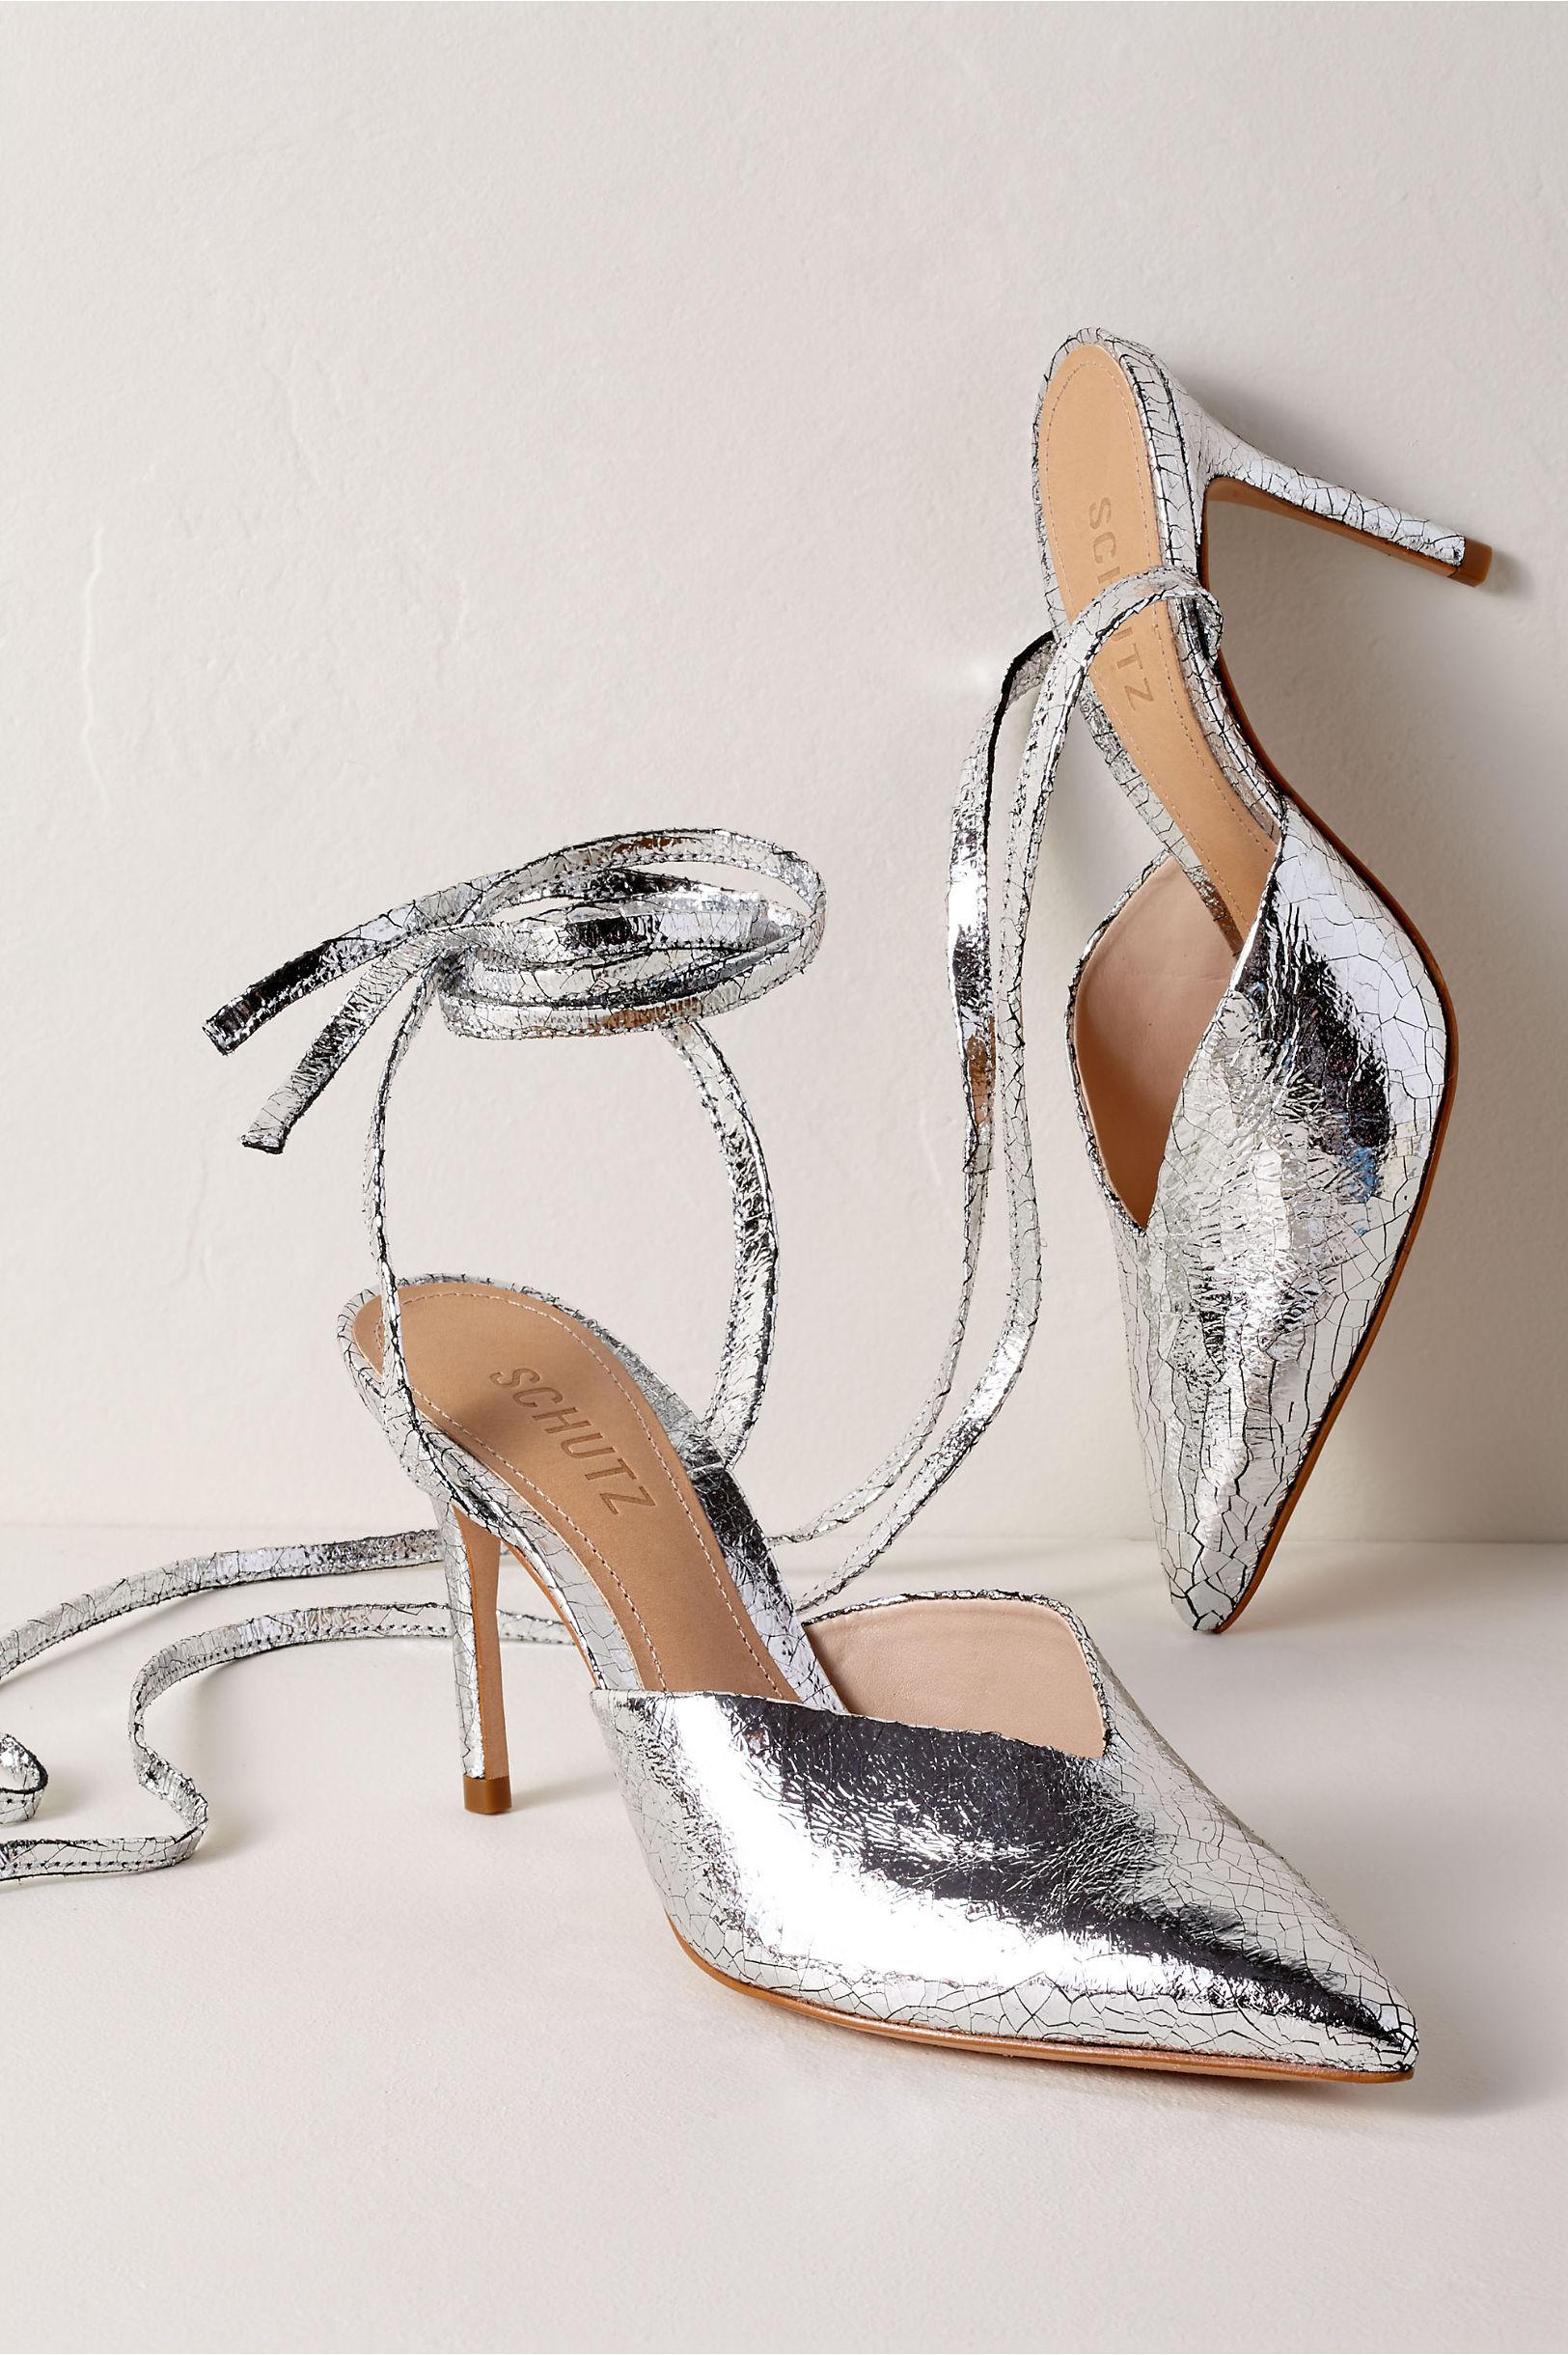 dfd265742a9 Schutz Naiana Heels Silver in Bride